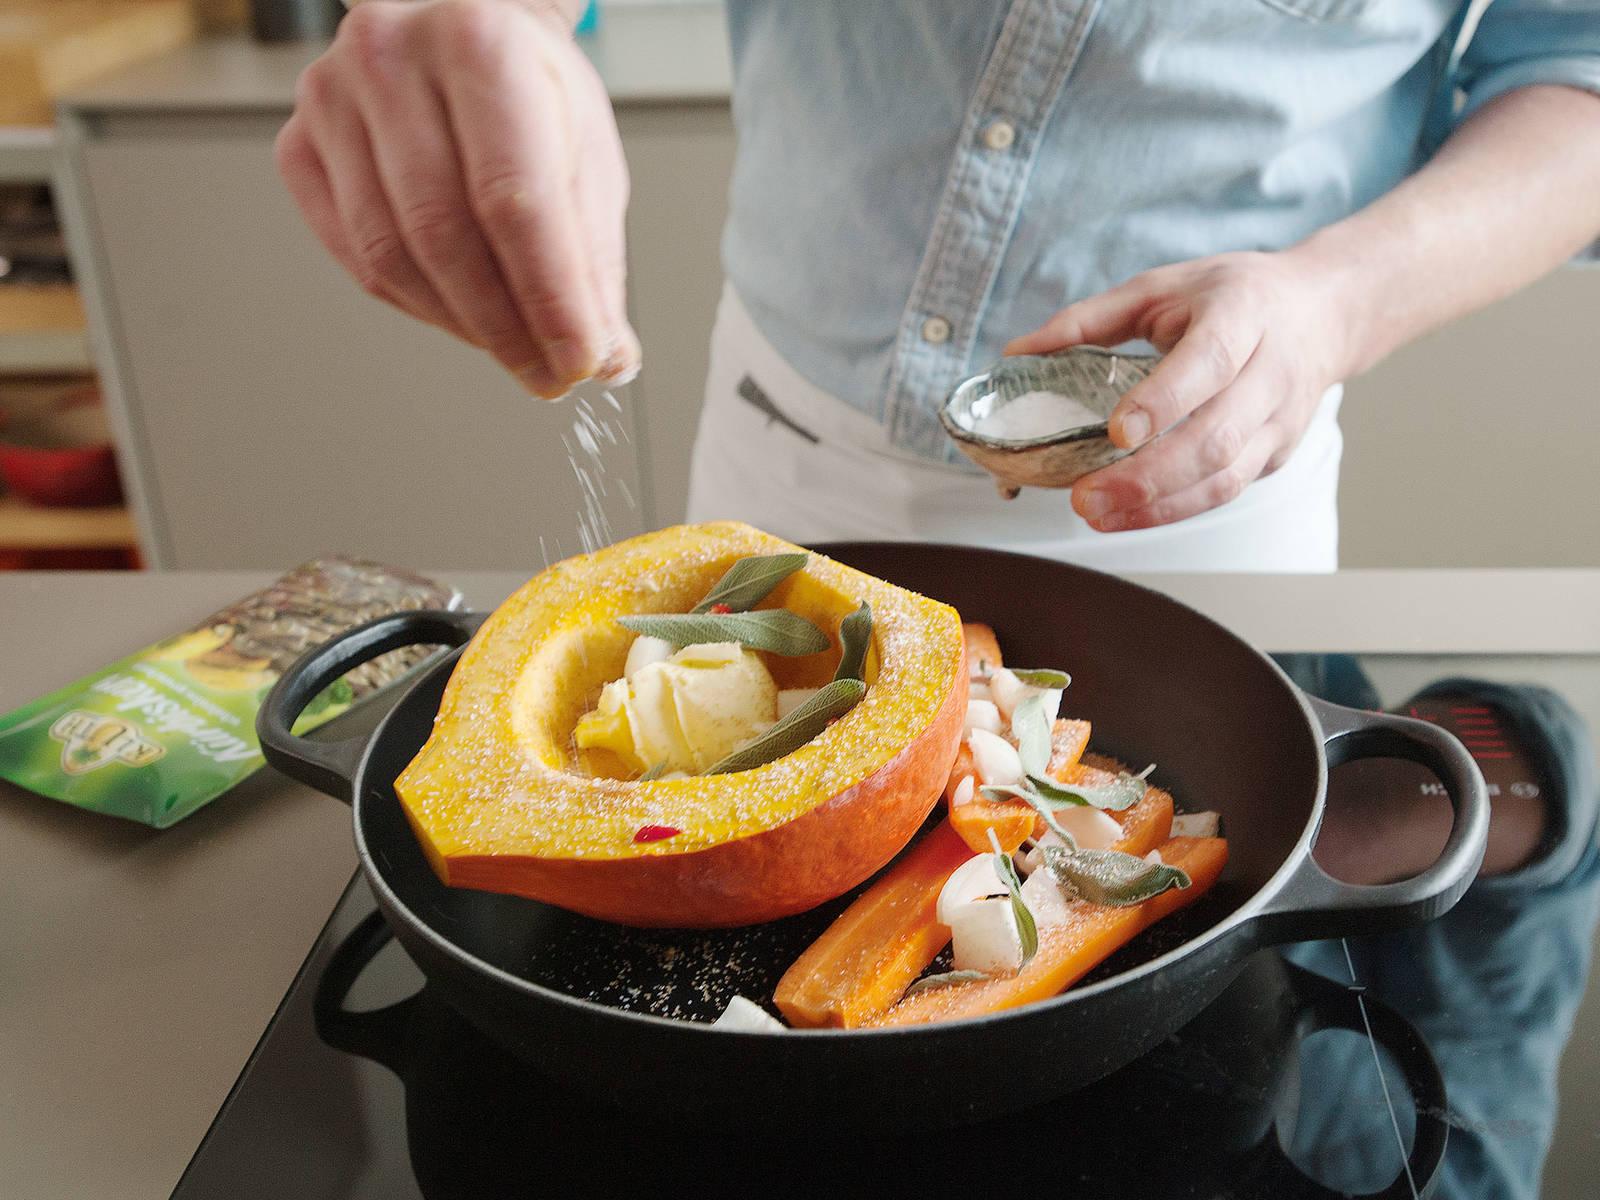 Etwas Butter in den Kürbis geben. Kürbis und Karotten mit Zwiebeln, der Hälfte der Salbeiblätter, Chili, braunem Zucker und Salz nach Geschmack bestreuen. Für ca. 40 Min. bei 180°C backen.